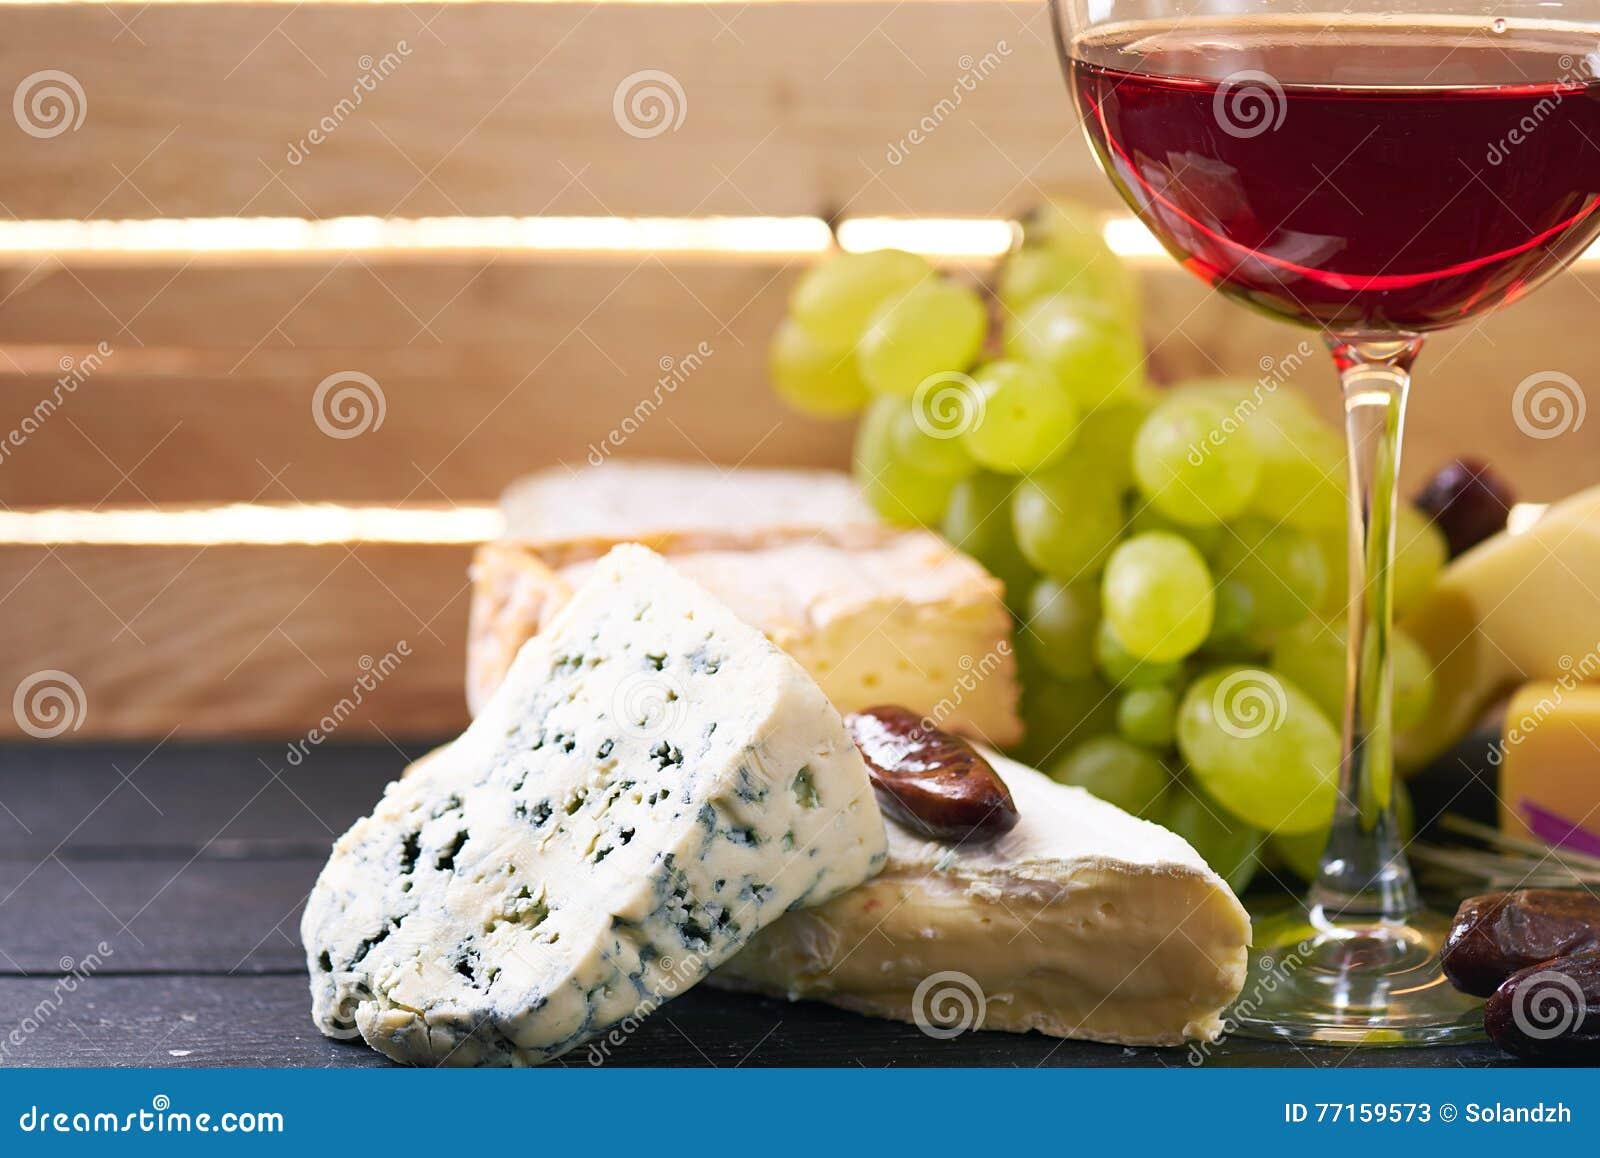 Verre de vin rouge, servi avec des raisins et le fromage